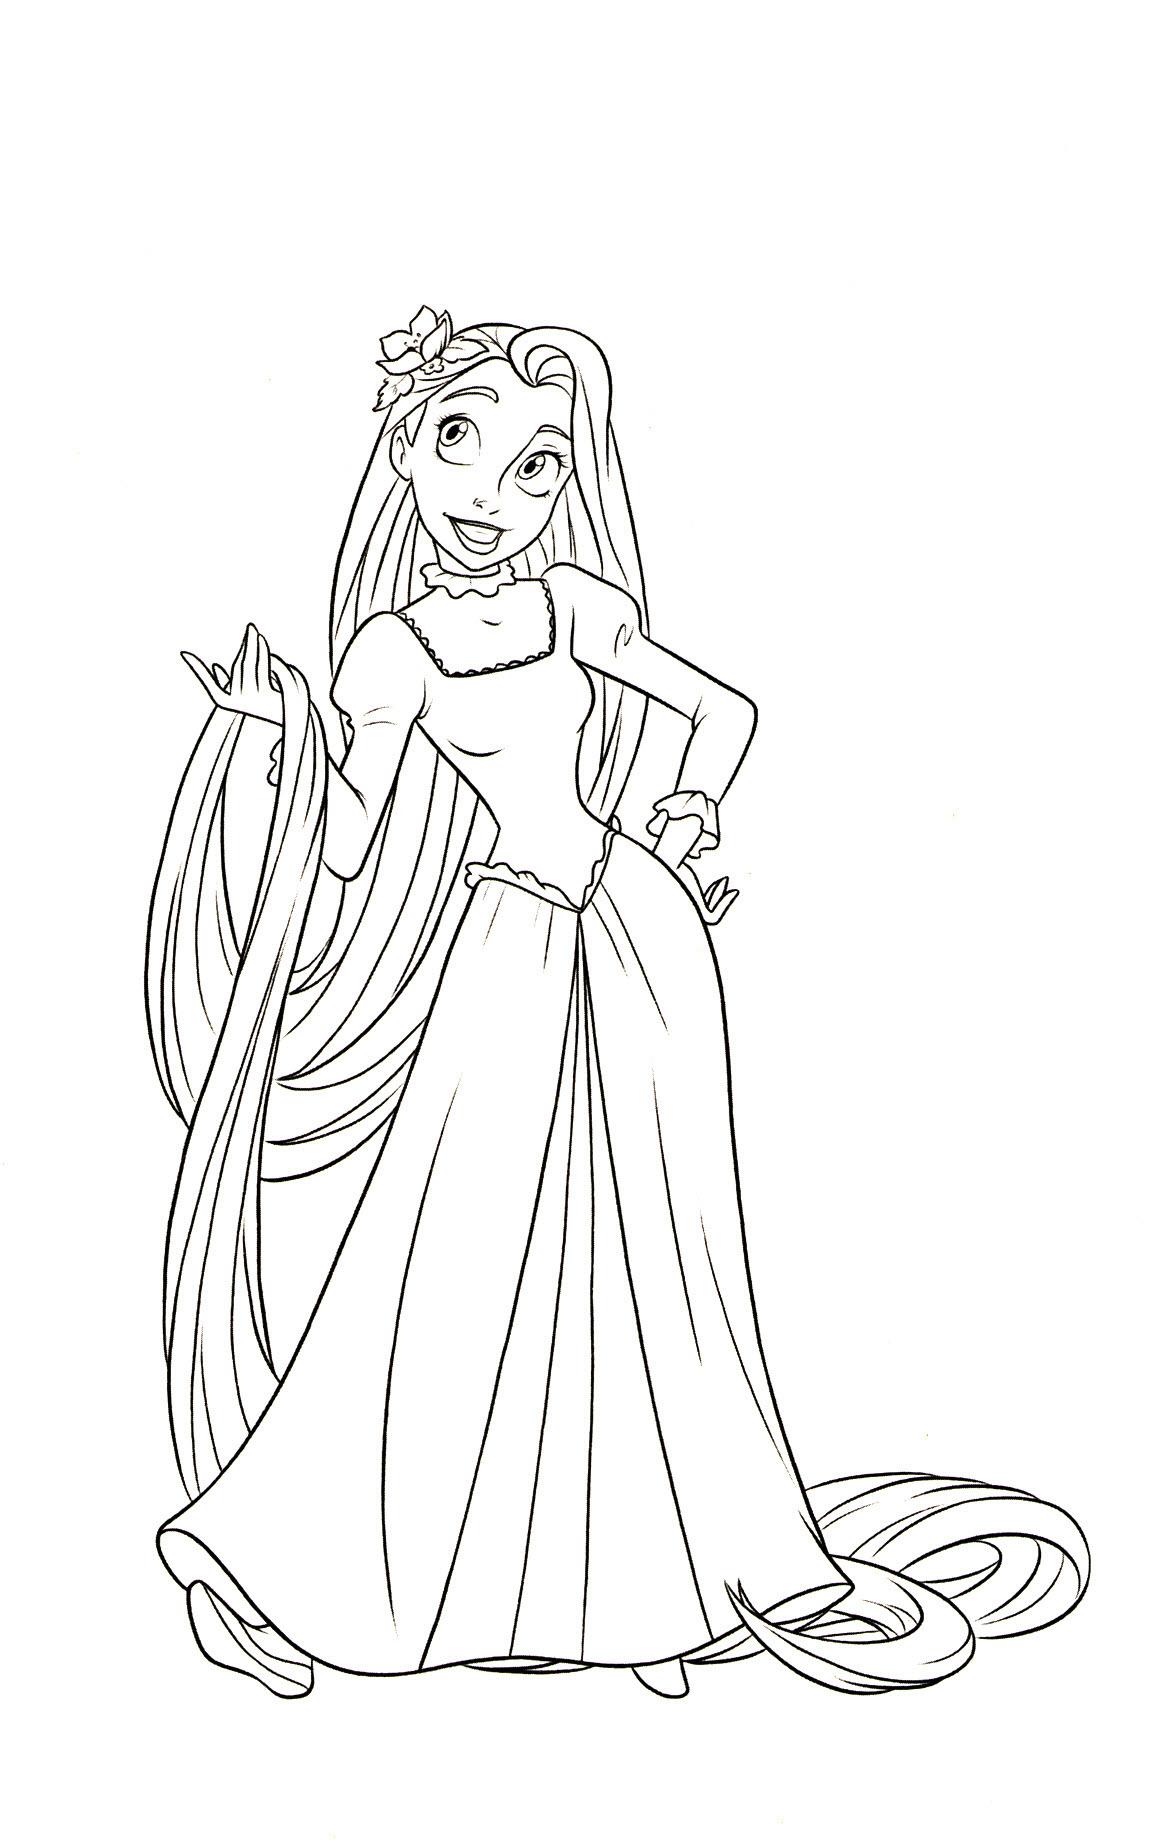 Tranh tô màu công chúa tóc mây mạnh mẽ, cá tính